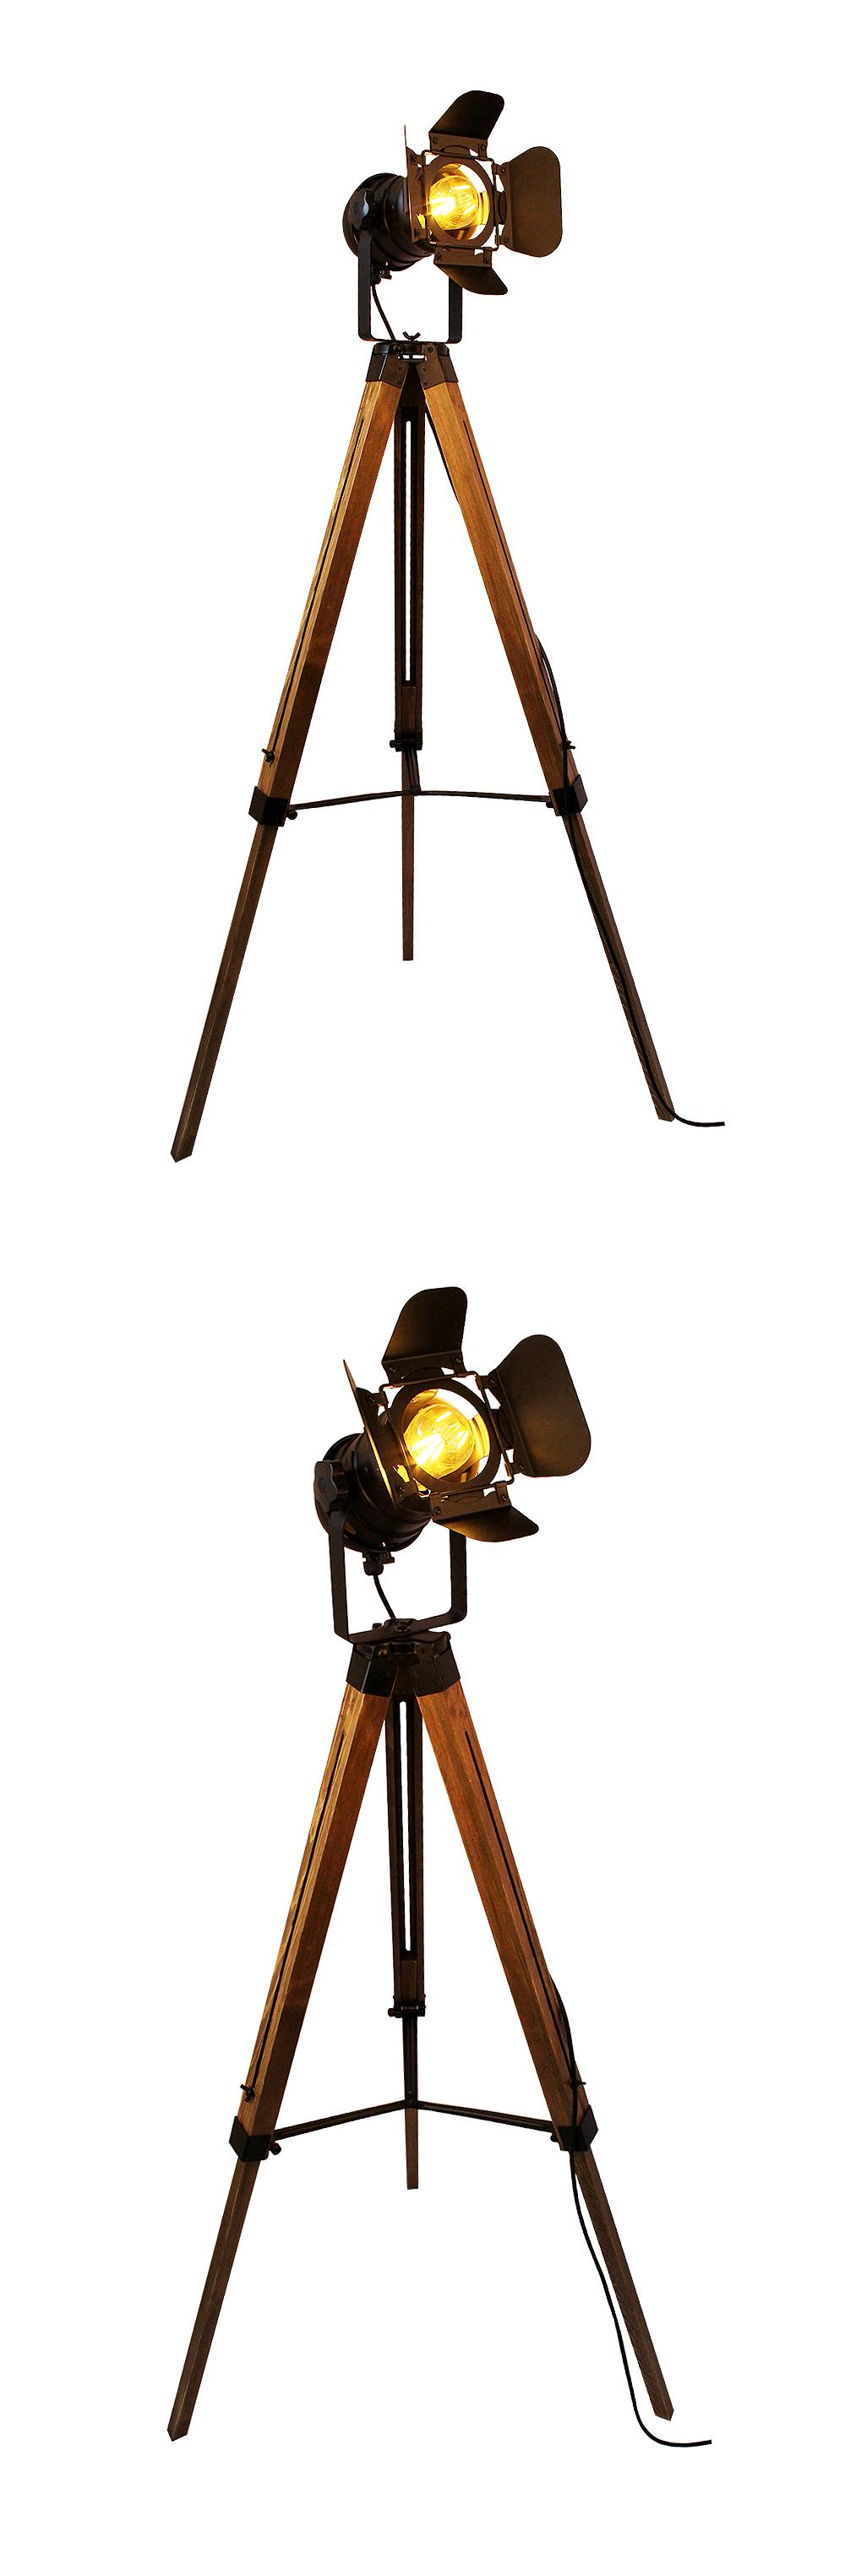 светодиод деревянный пол лампы стабильный американский лофт регулируемая ночной этаж стоят фары лампа с бар домашнего освещения для гостиной